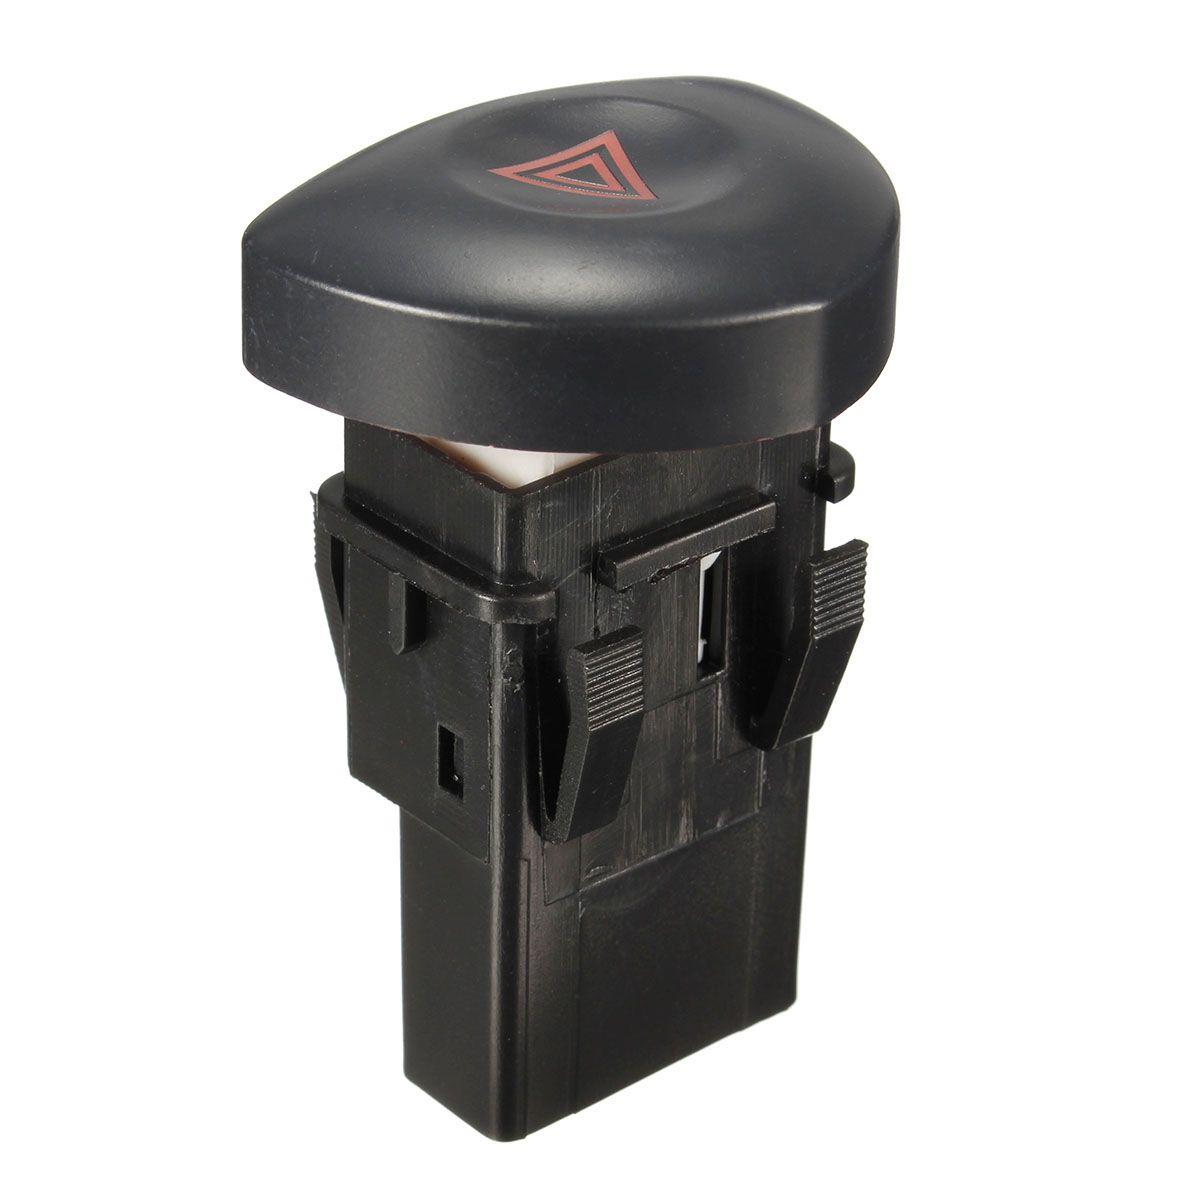 OEM 8200060036 Schwarz Gefahr Lichter Warnung Schalter Für Renault Clio MK II 2001 2002 2003 2004 2005 2006